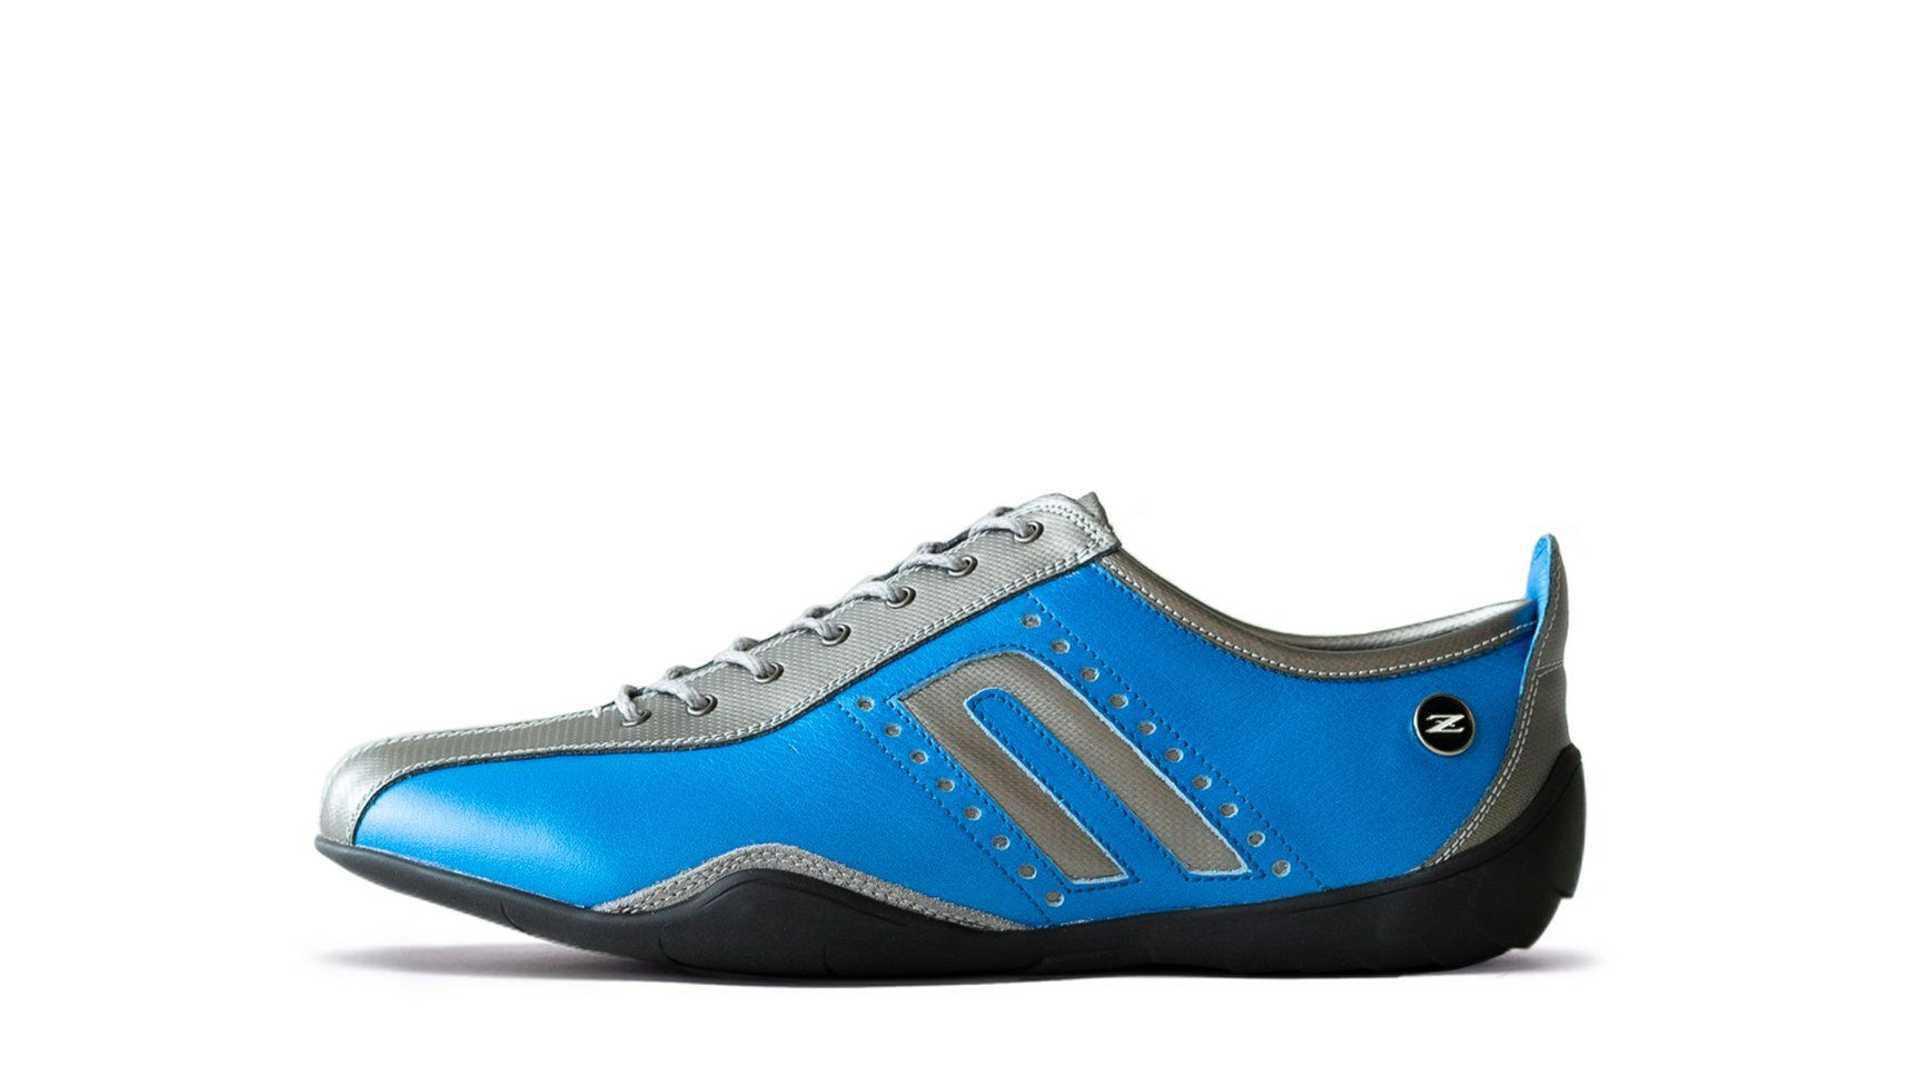 Negroni_Idea_Corsa-Nissan_Z_Shoes-0001